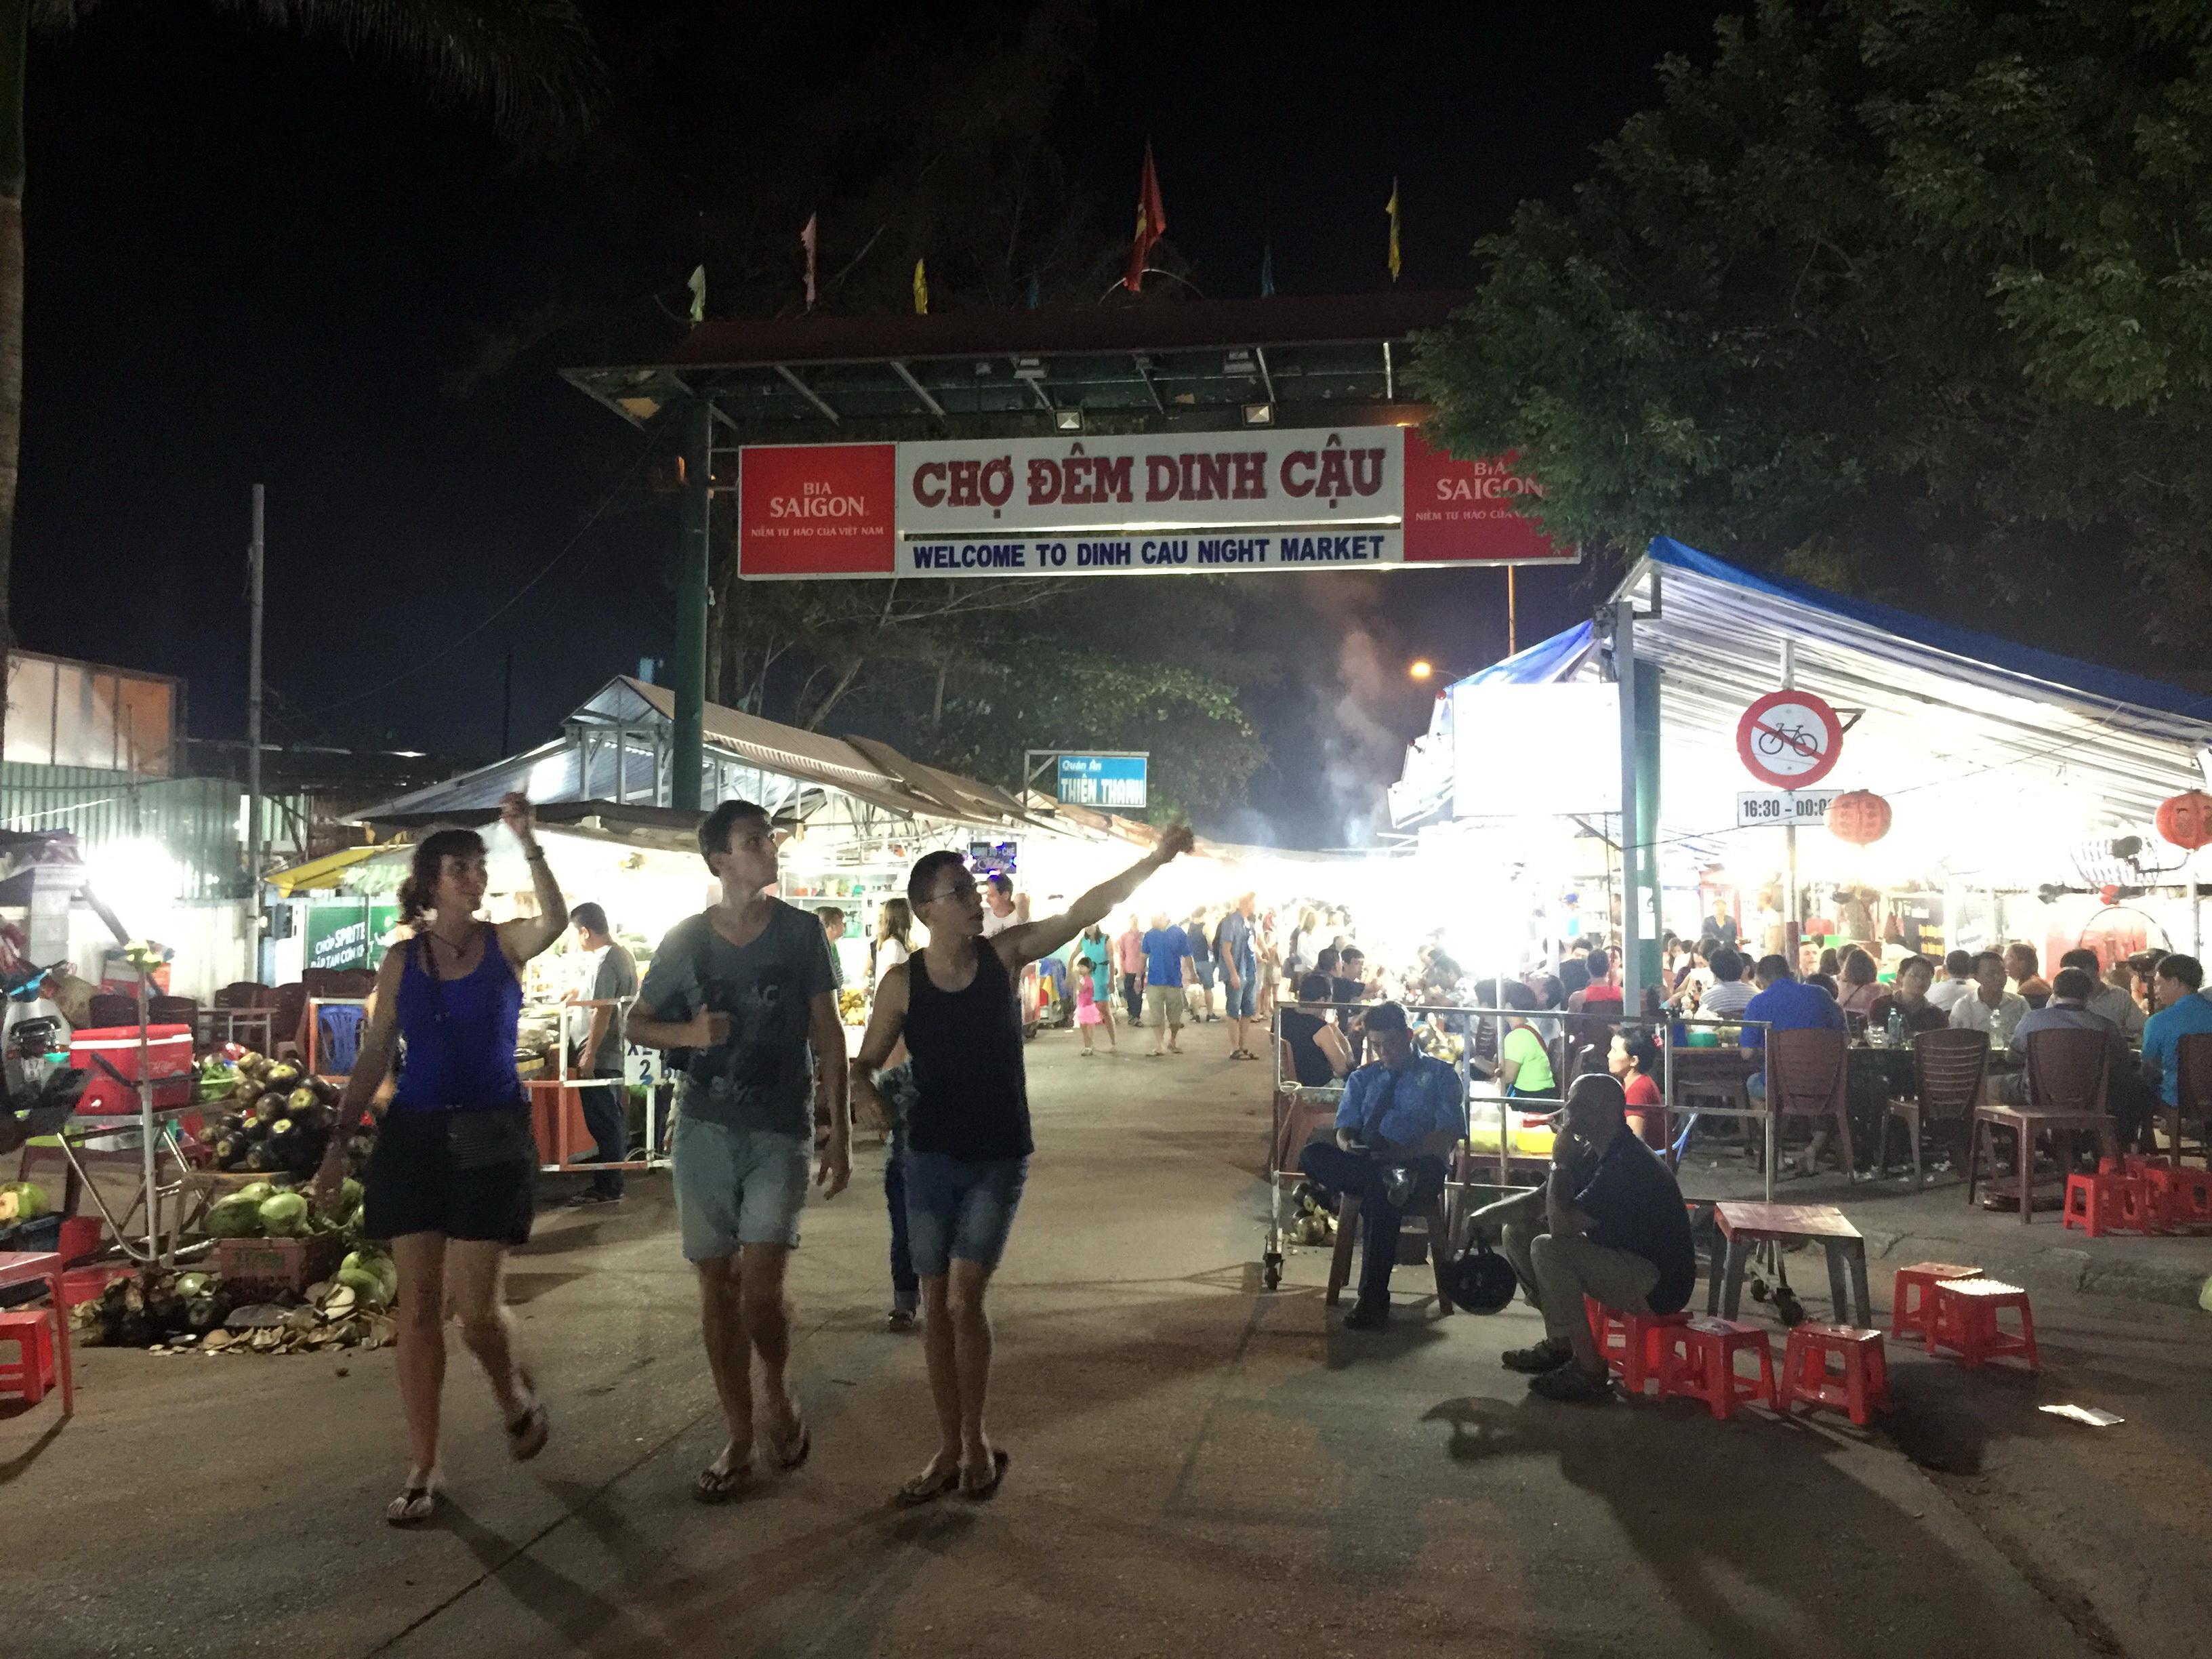 Authorities to shut down famous night market on Vietnam's Phu Quoc Island